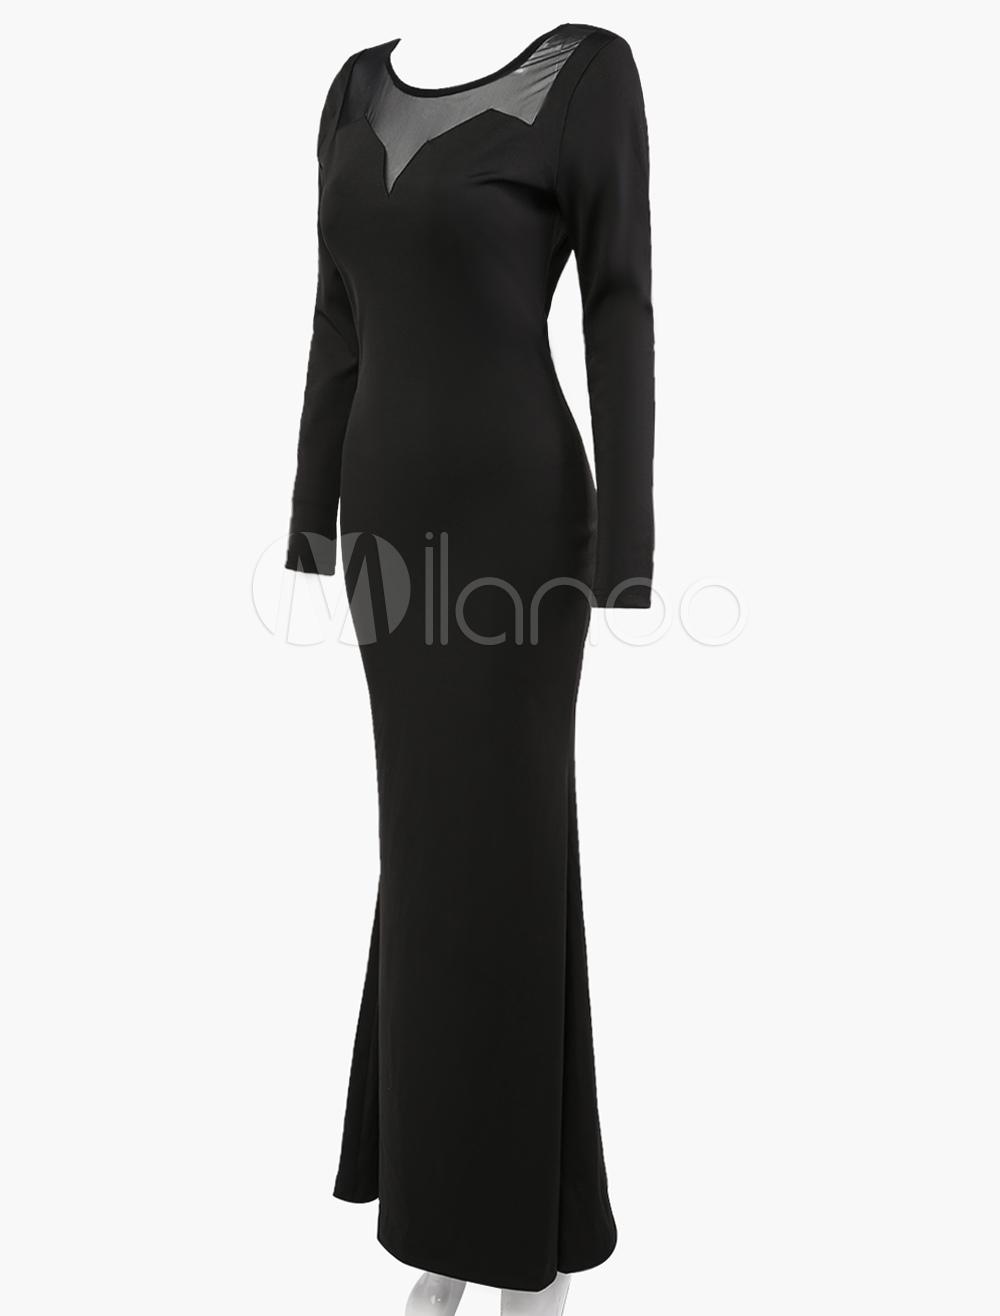 03b85f6a4b38 ... Vestito lungo nero chic   moderno monocolore parzialmente trasparente  con scollo rotondo maniche lunghe pizzo in ...